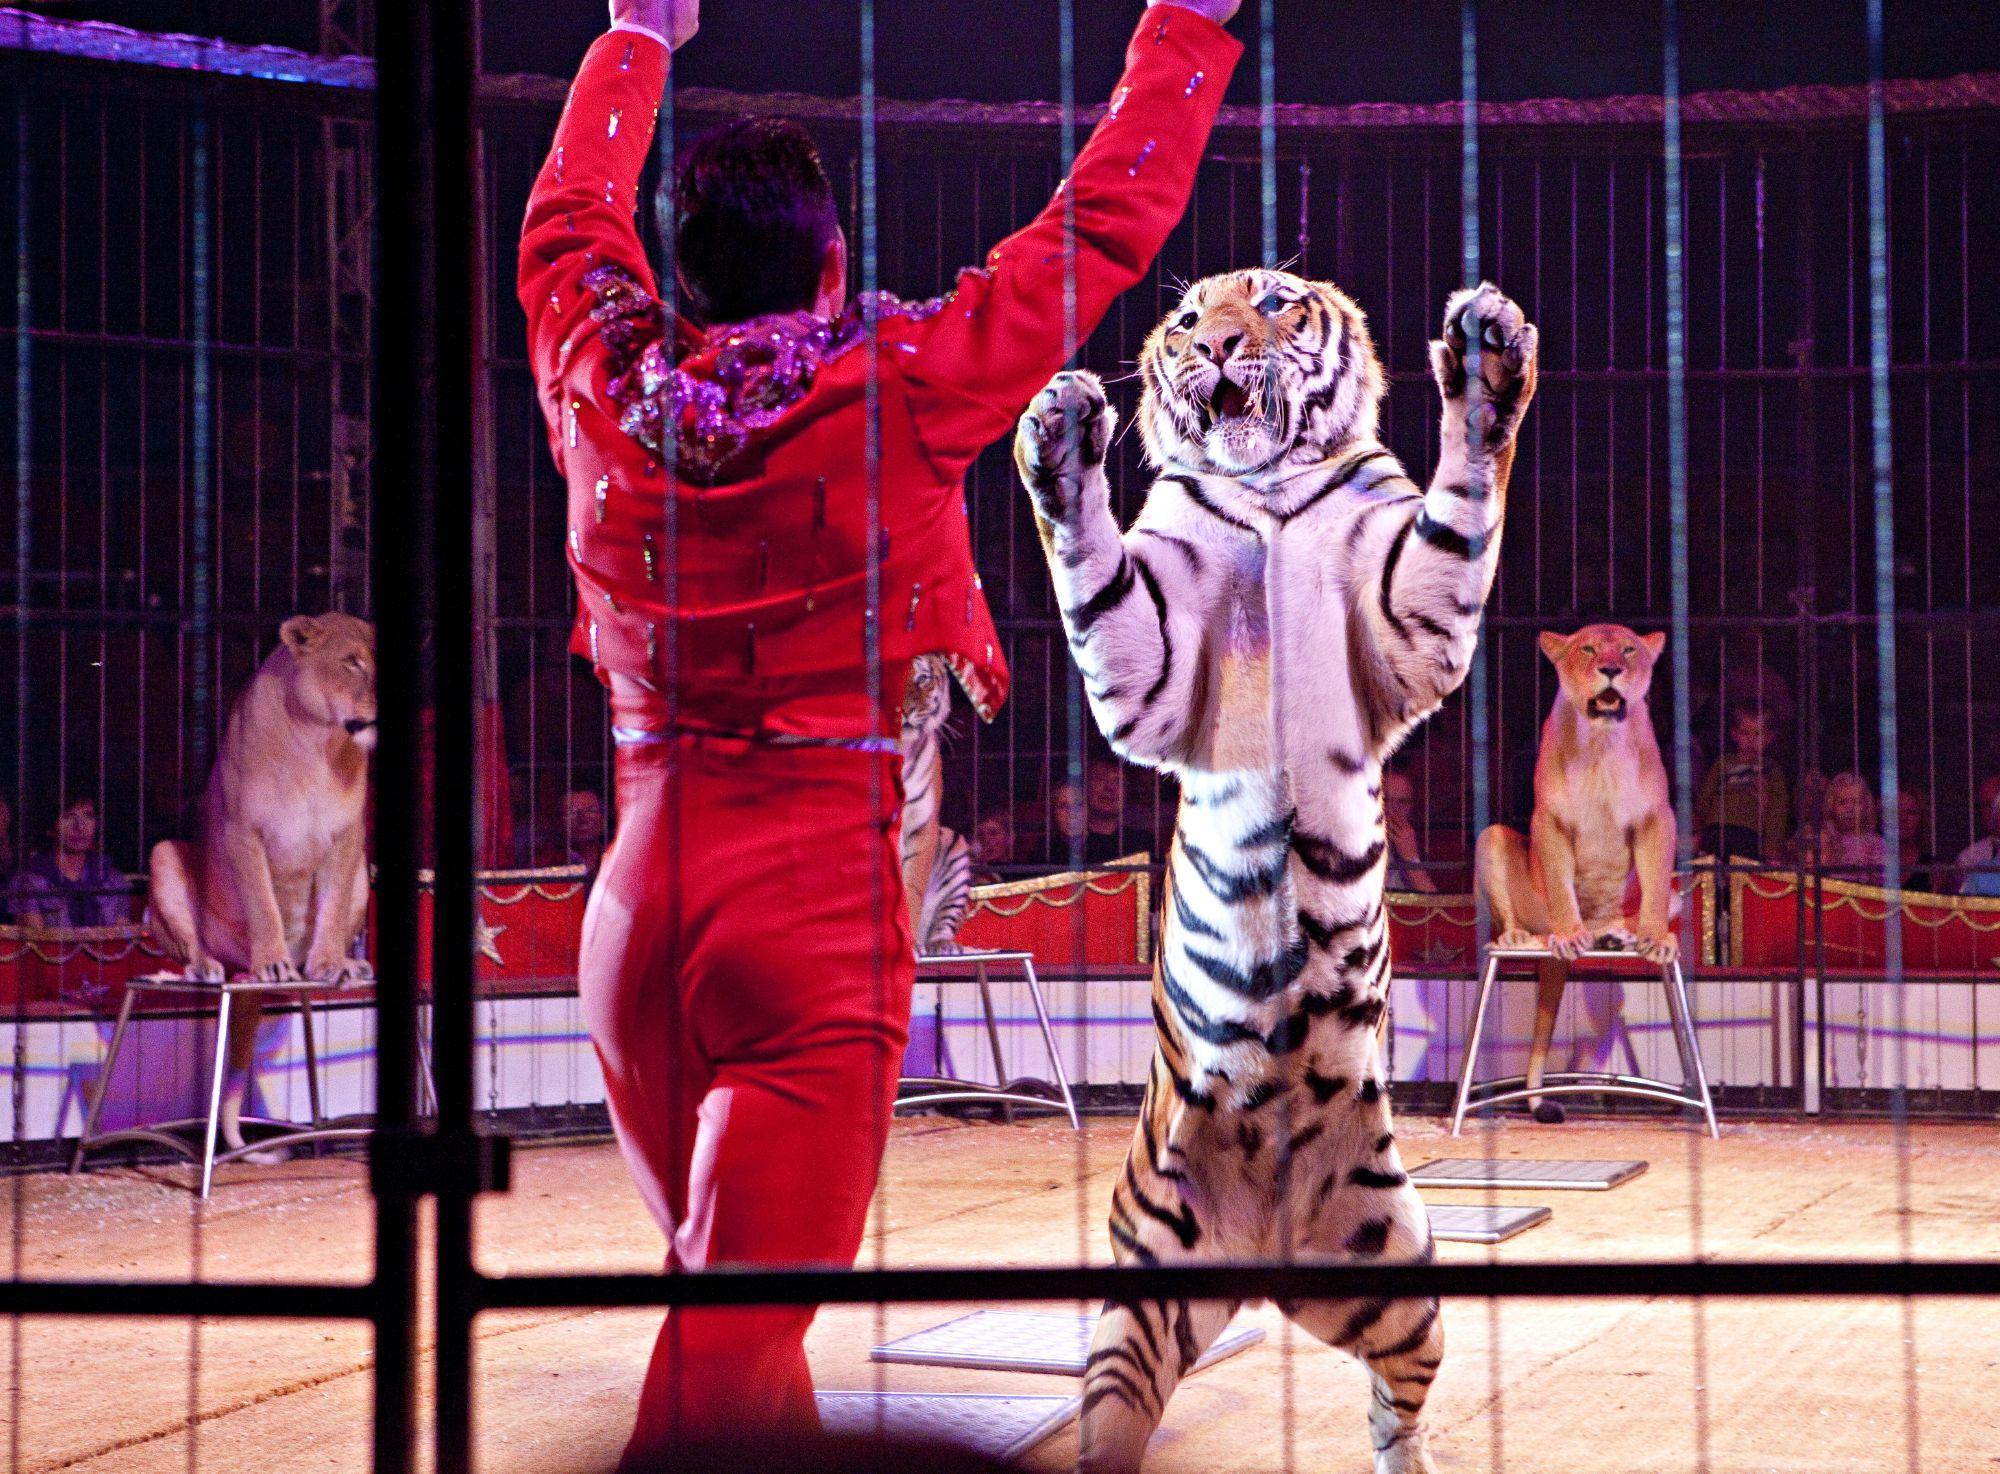 Dieren in circussen worden continu blootgesteld aan stress